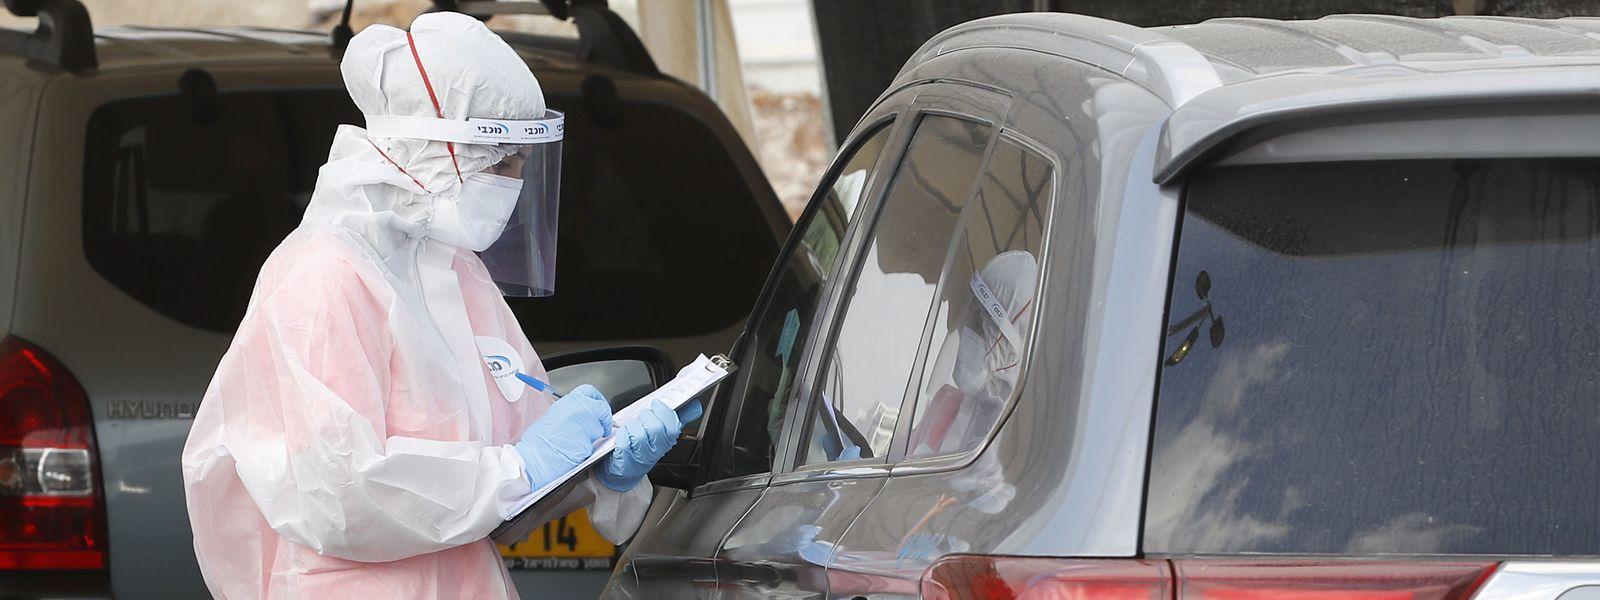 Nach einem anfangs vorbildlichen Management der Pandemie verdoppelt sich jetzt die Zahl der Corona-Infektionen alle sieben Tage in Israel.